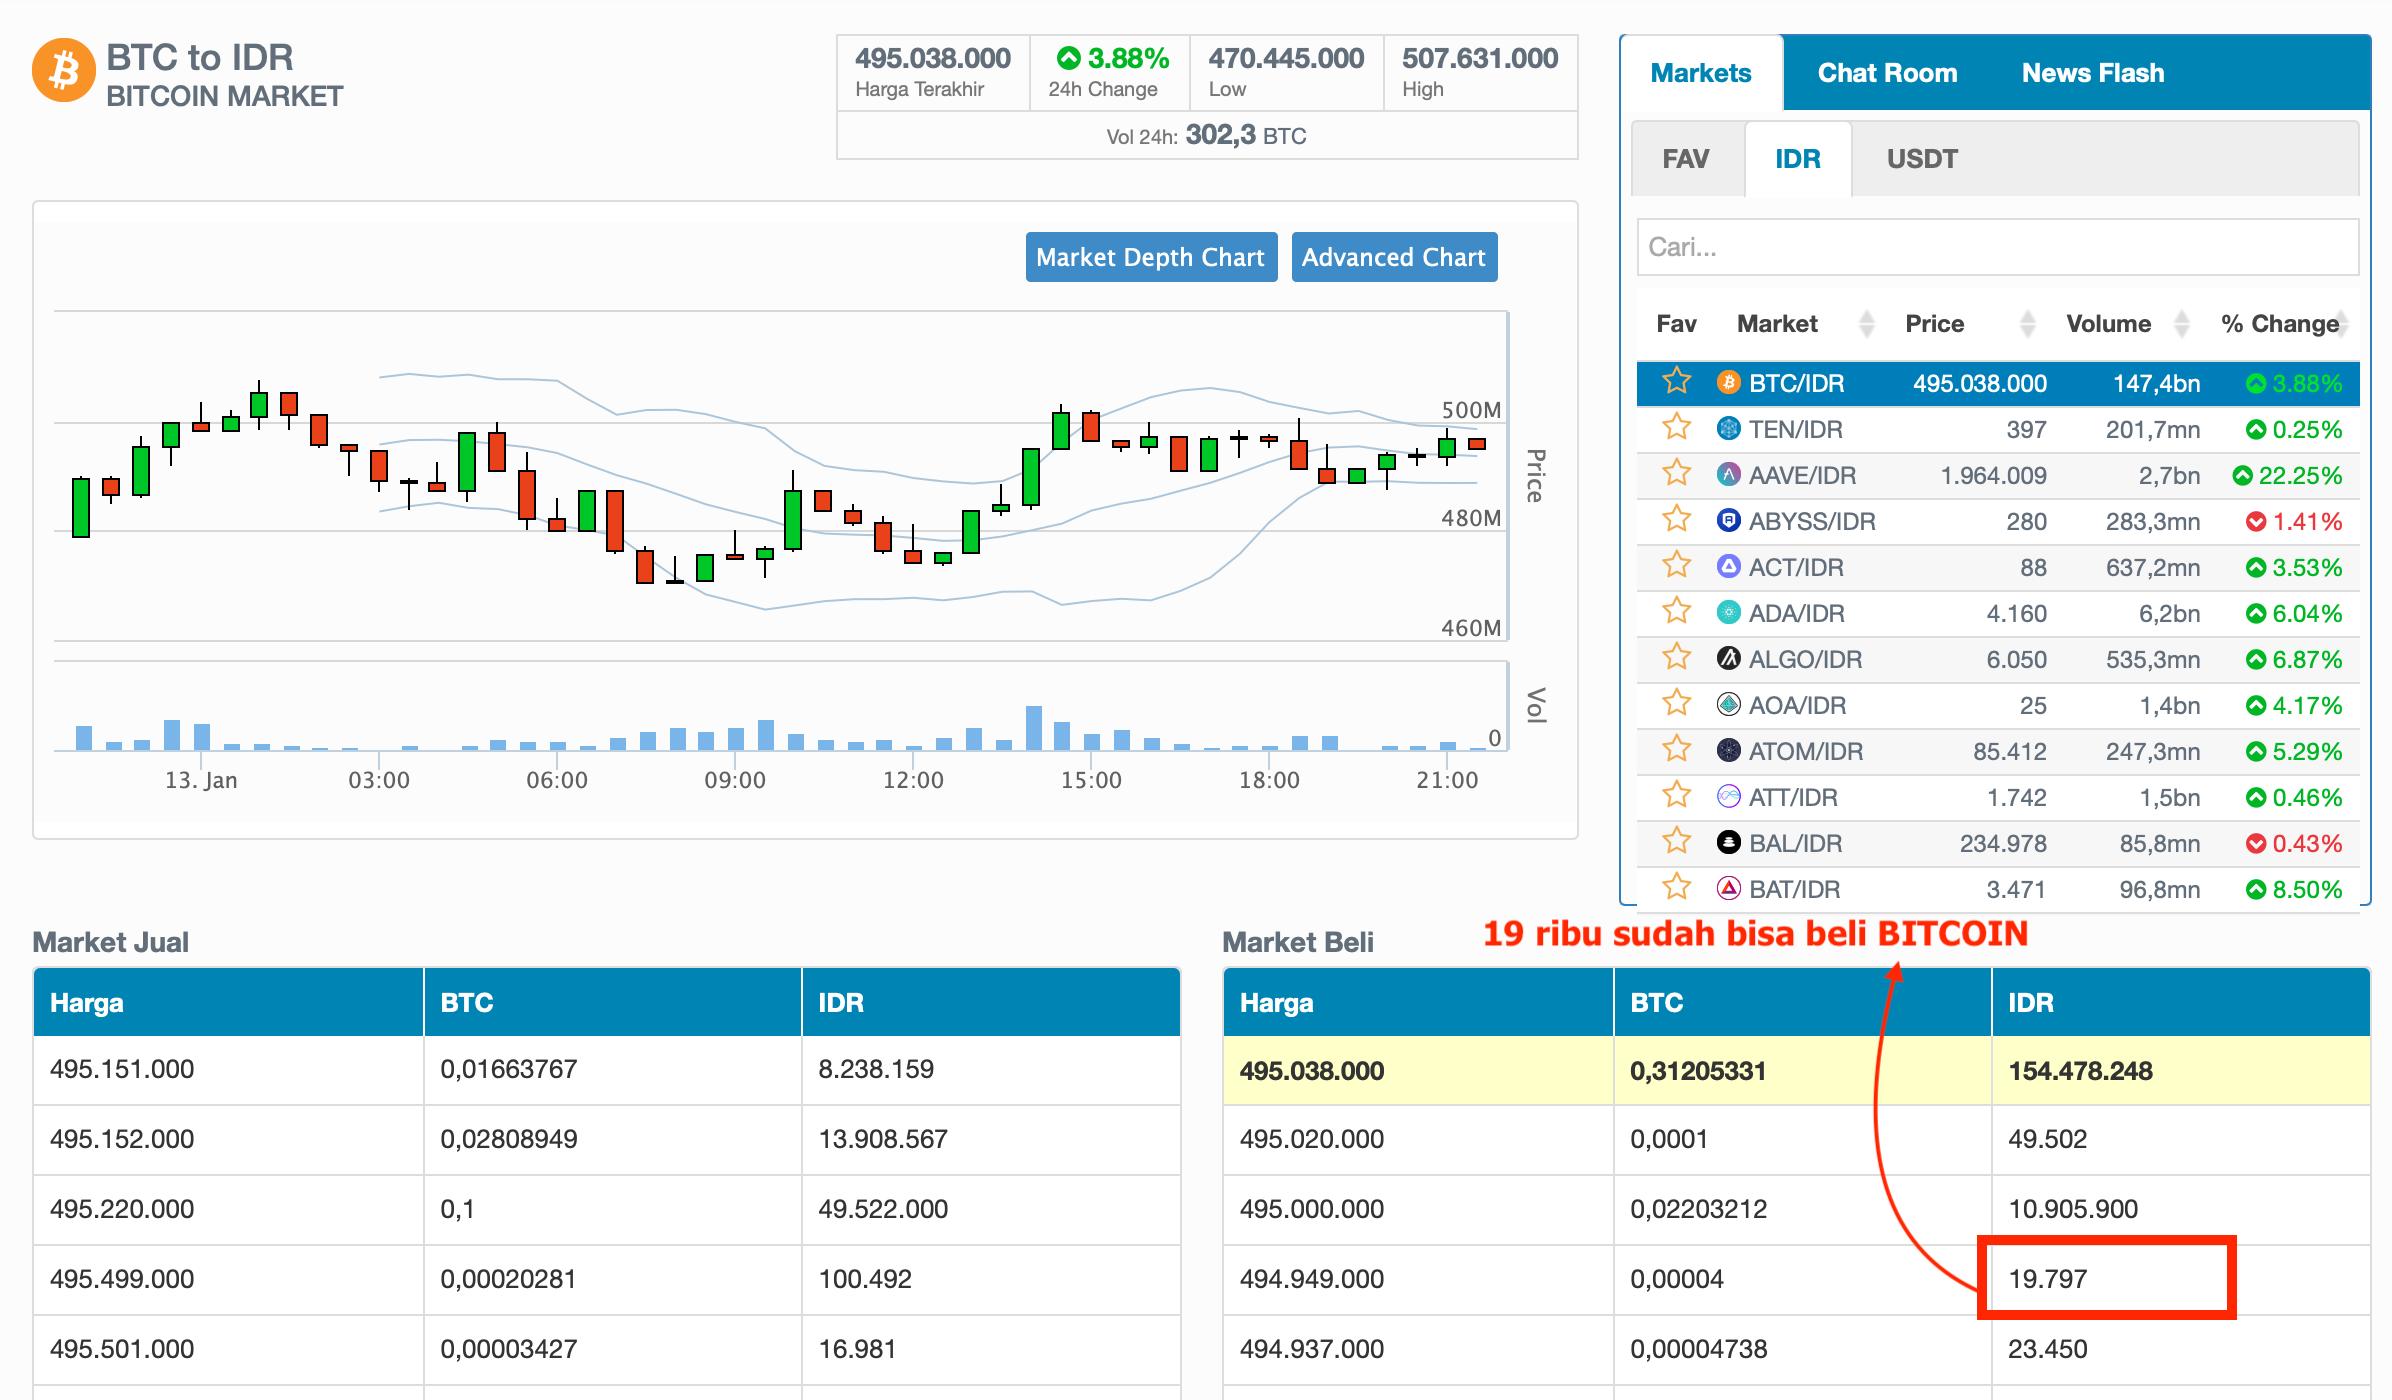 cara commercio bitcoin modale 100 ribu